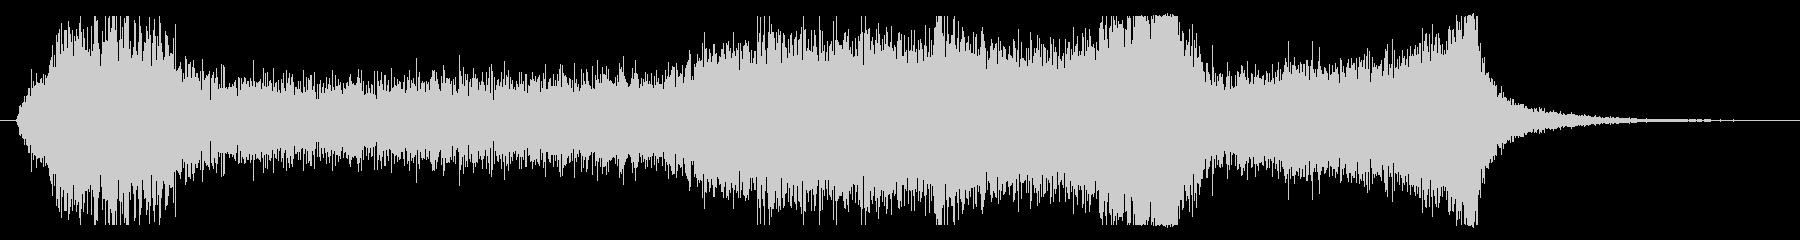 ダークドローン、ロー、ボイス、ハー...の未再生の波形